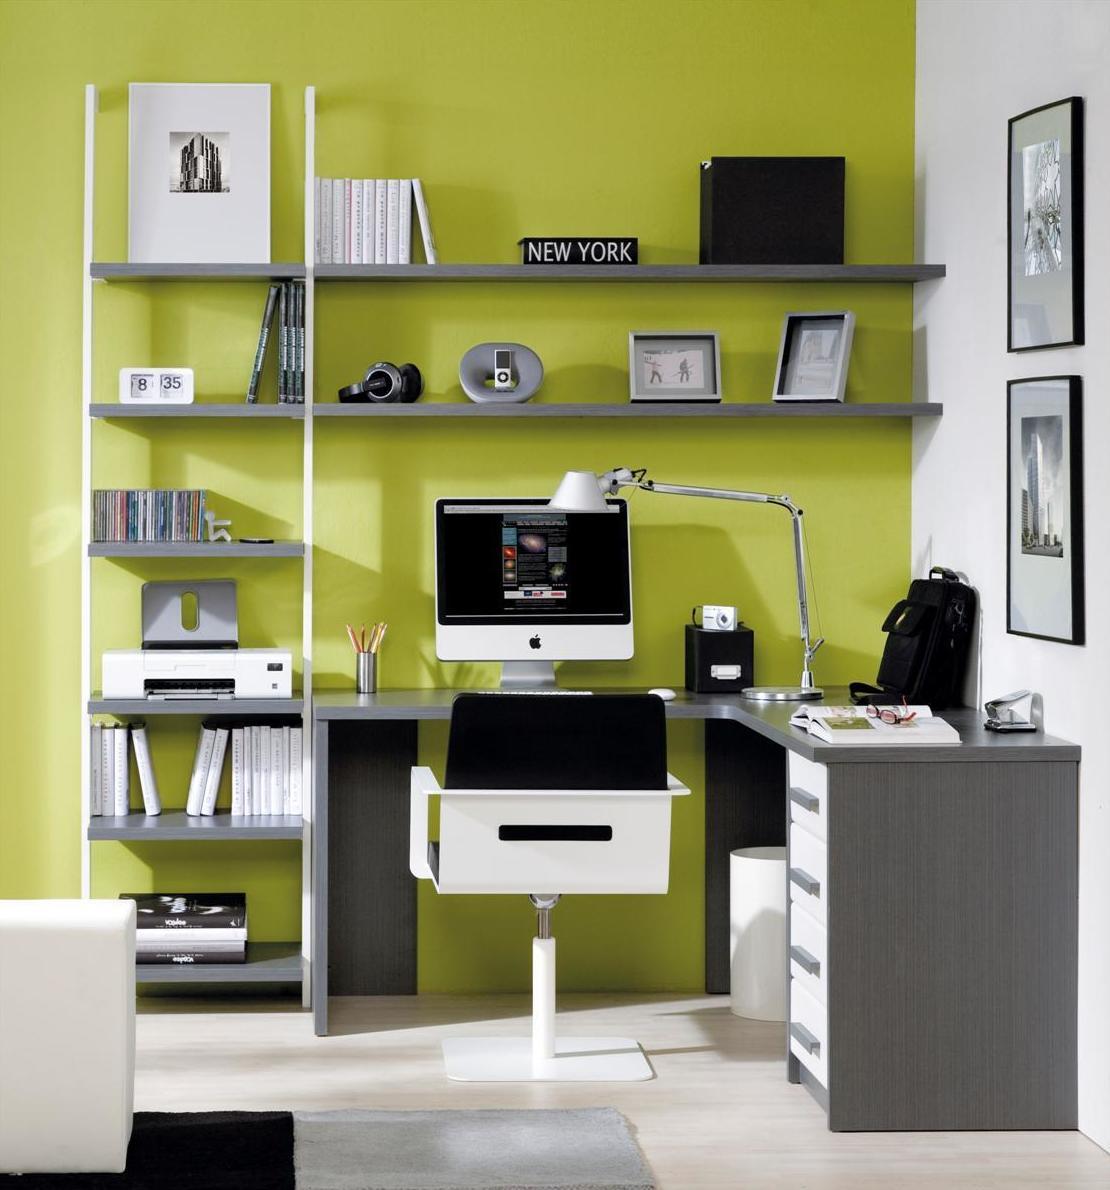 Muebles de salon malaga dise os arquitect nicos for Muebles salon malaga